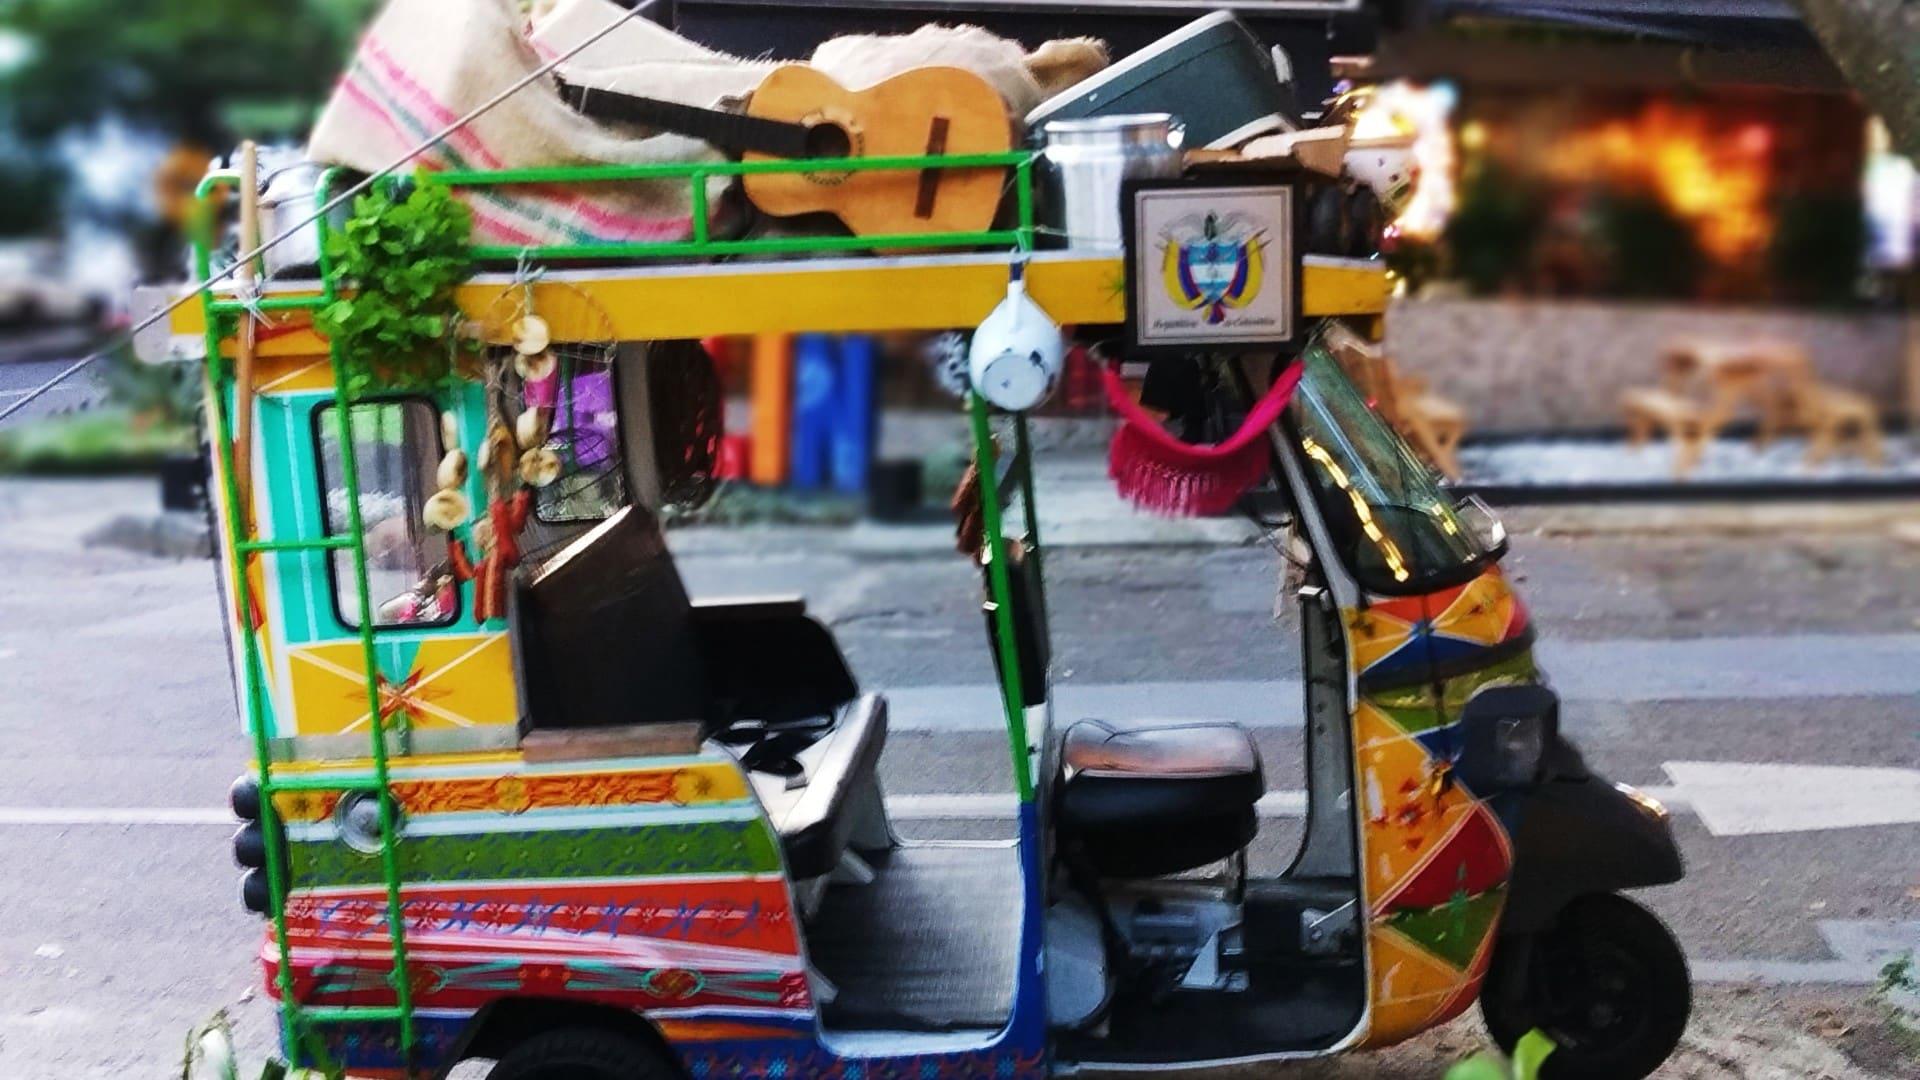 Qué hacer en Medellín - 10 experiencias imperdibles